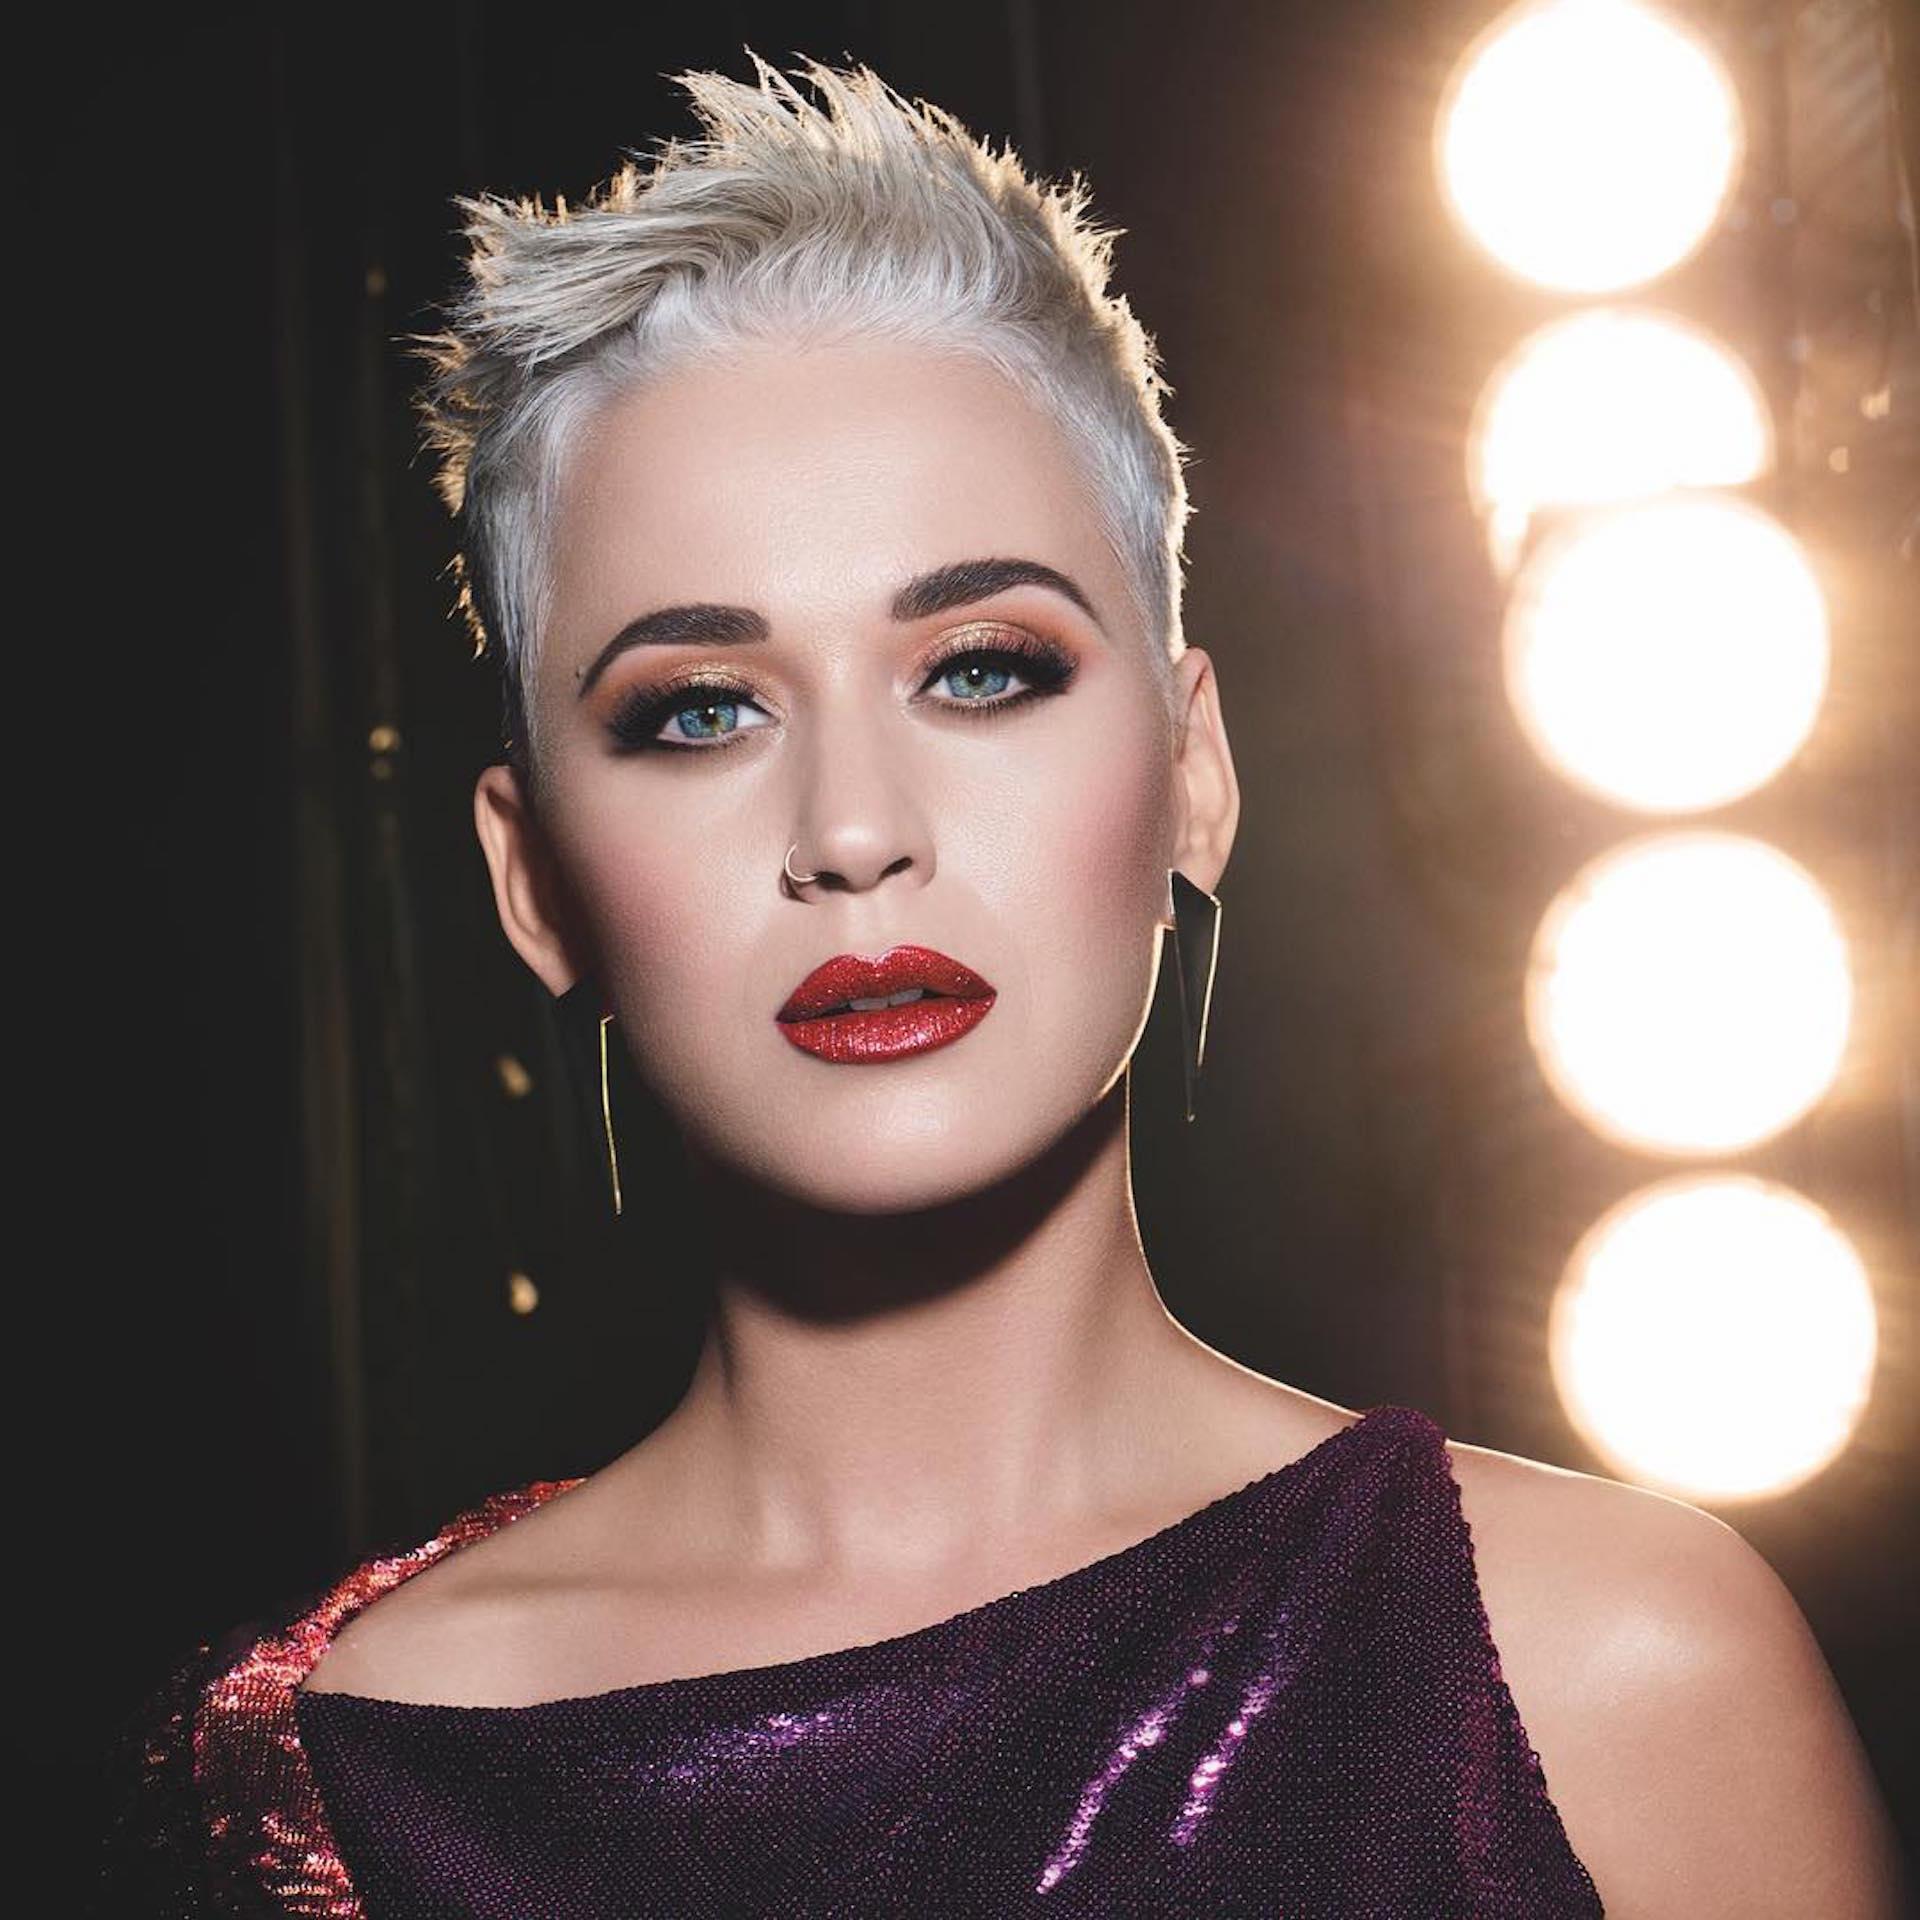 Katy Perry perdió casi tres millones de seguidores en Twitter tras el anuncio del jueves pasado